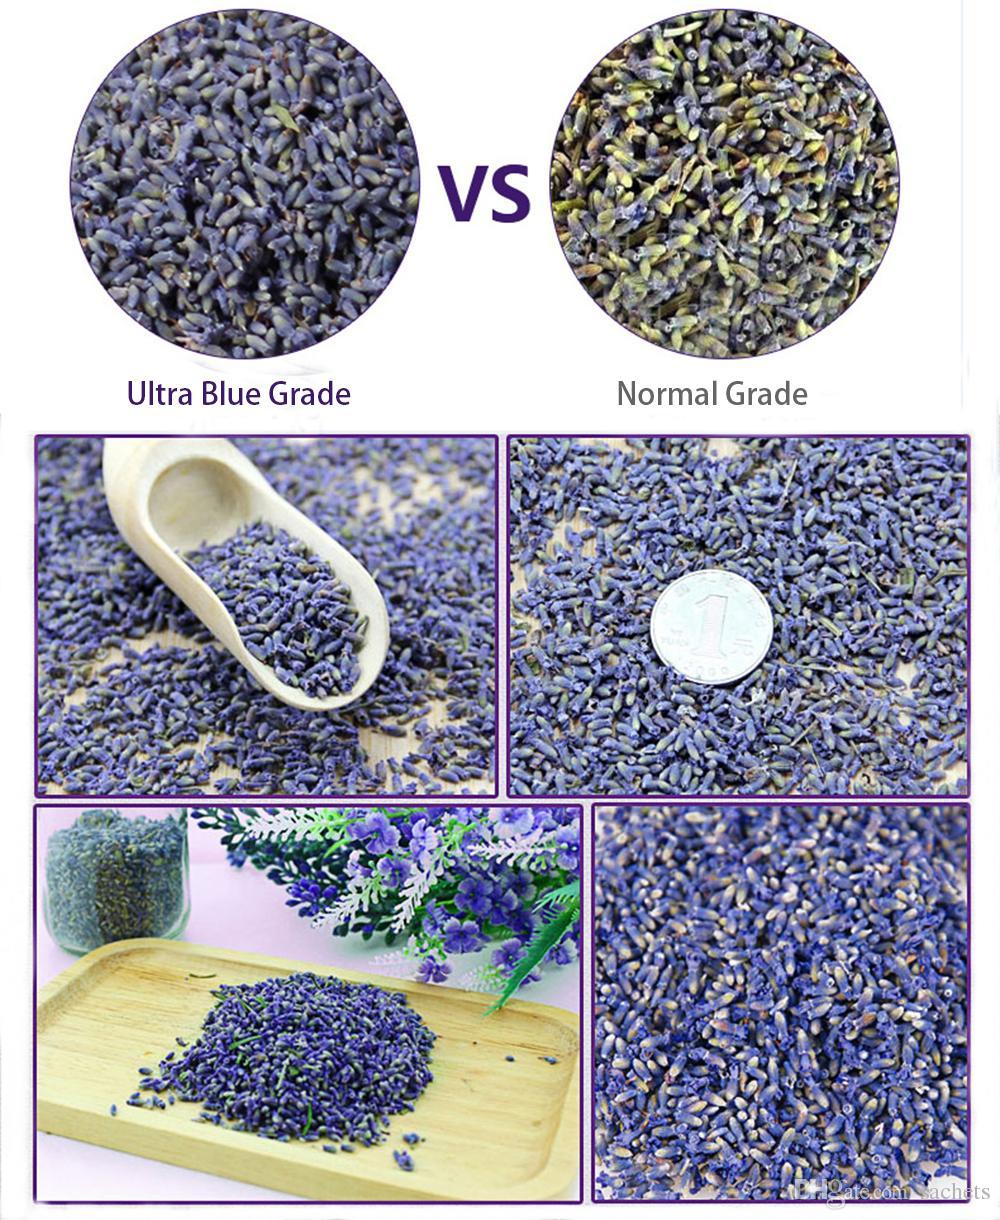 الزهور المجففة عبق الخزامى البراعم العضوية بالجملة، الترا الأزرق العلمية - 1 جنيه